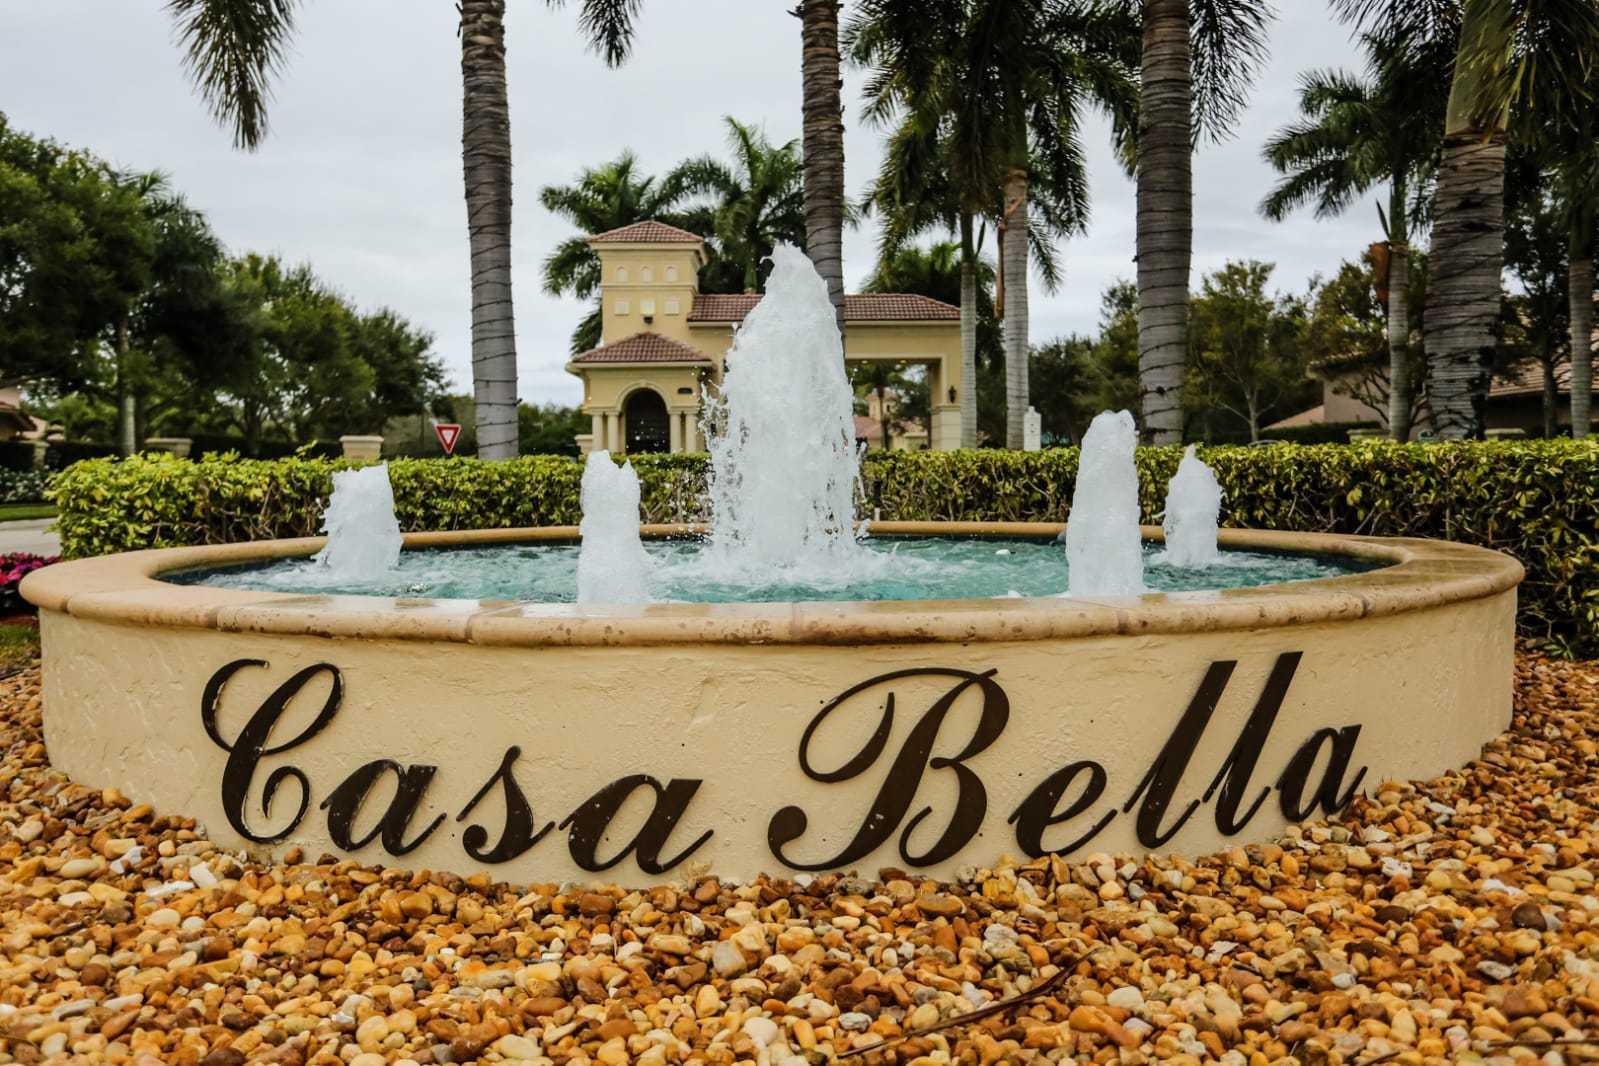 CASA BELLA REALTY